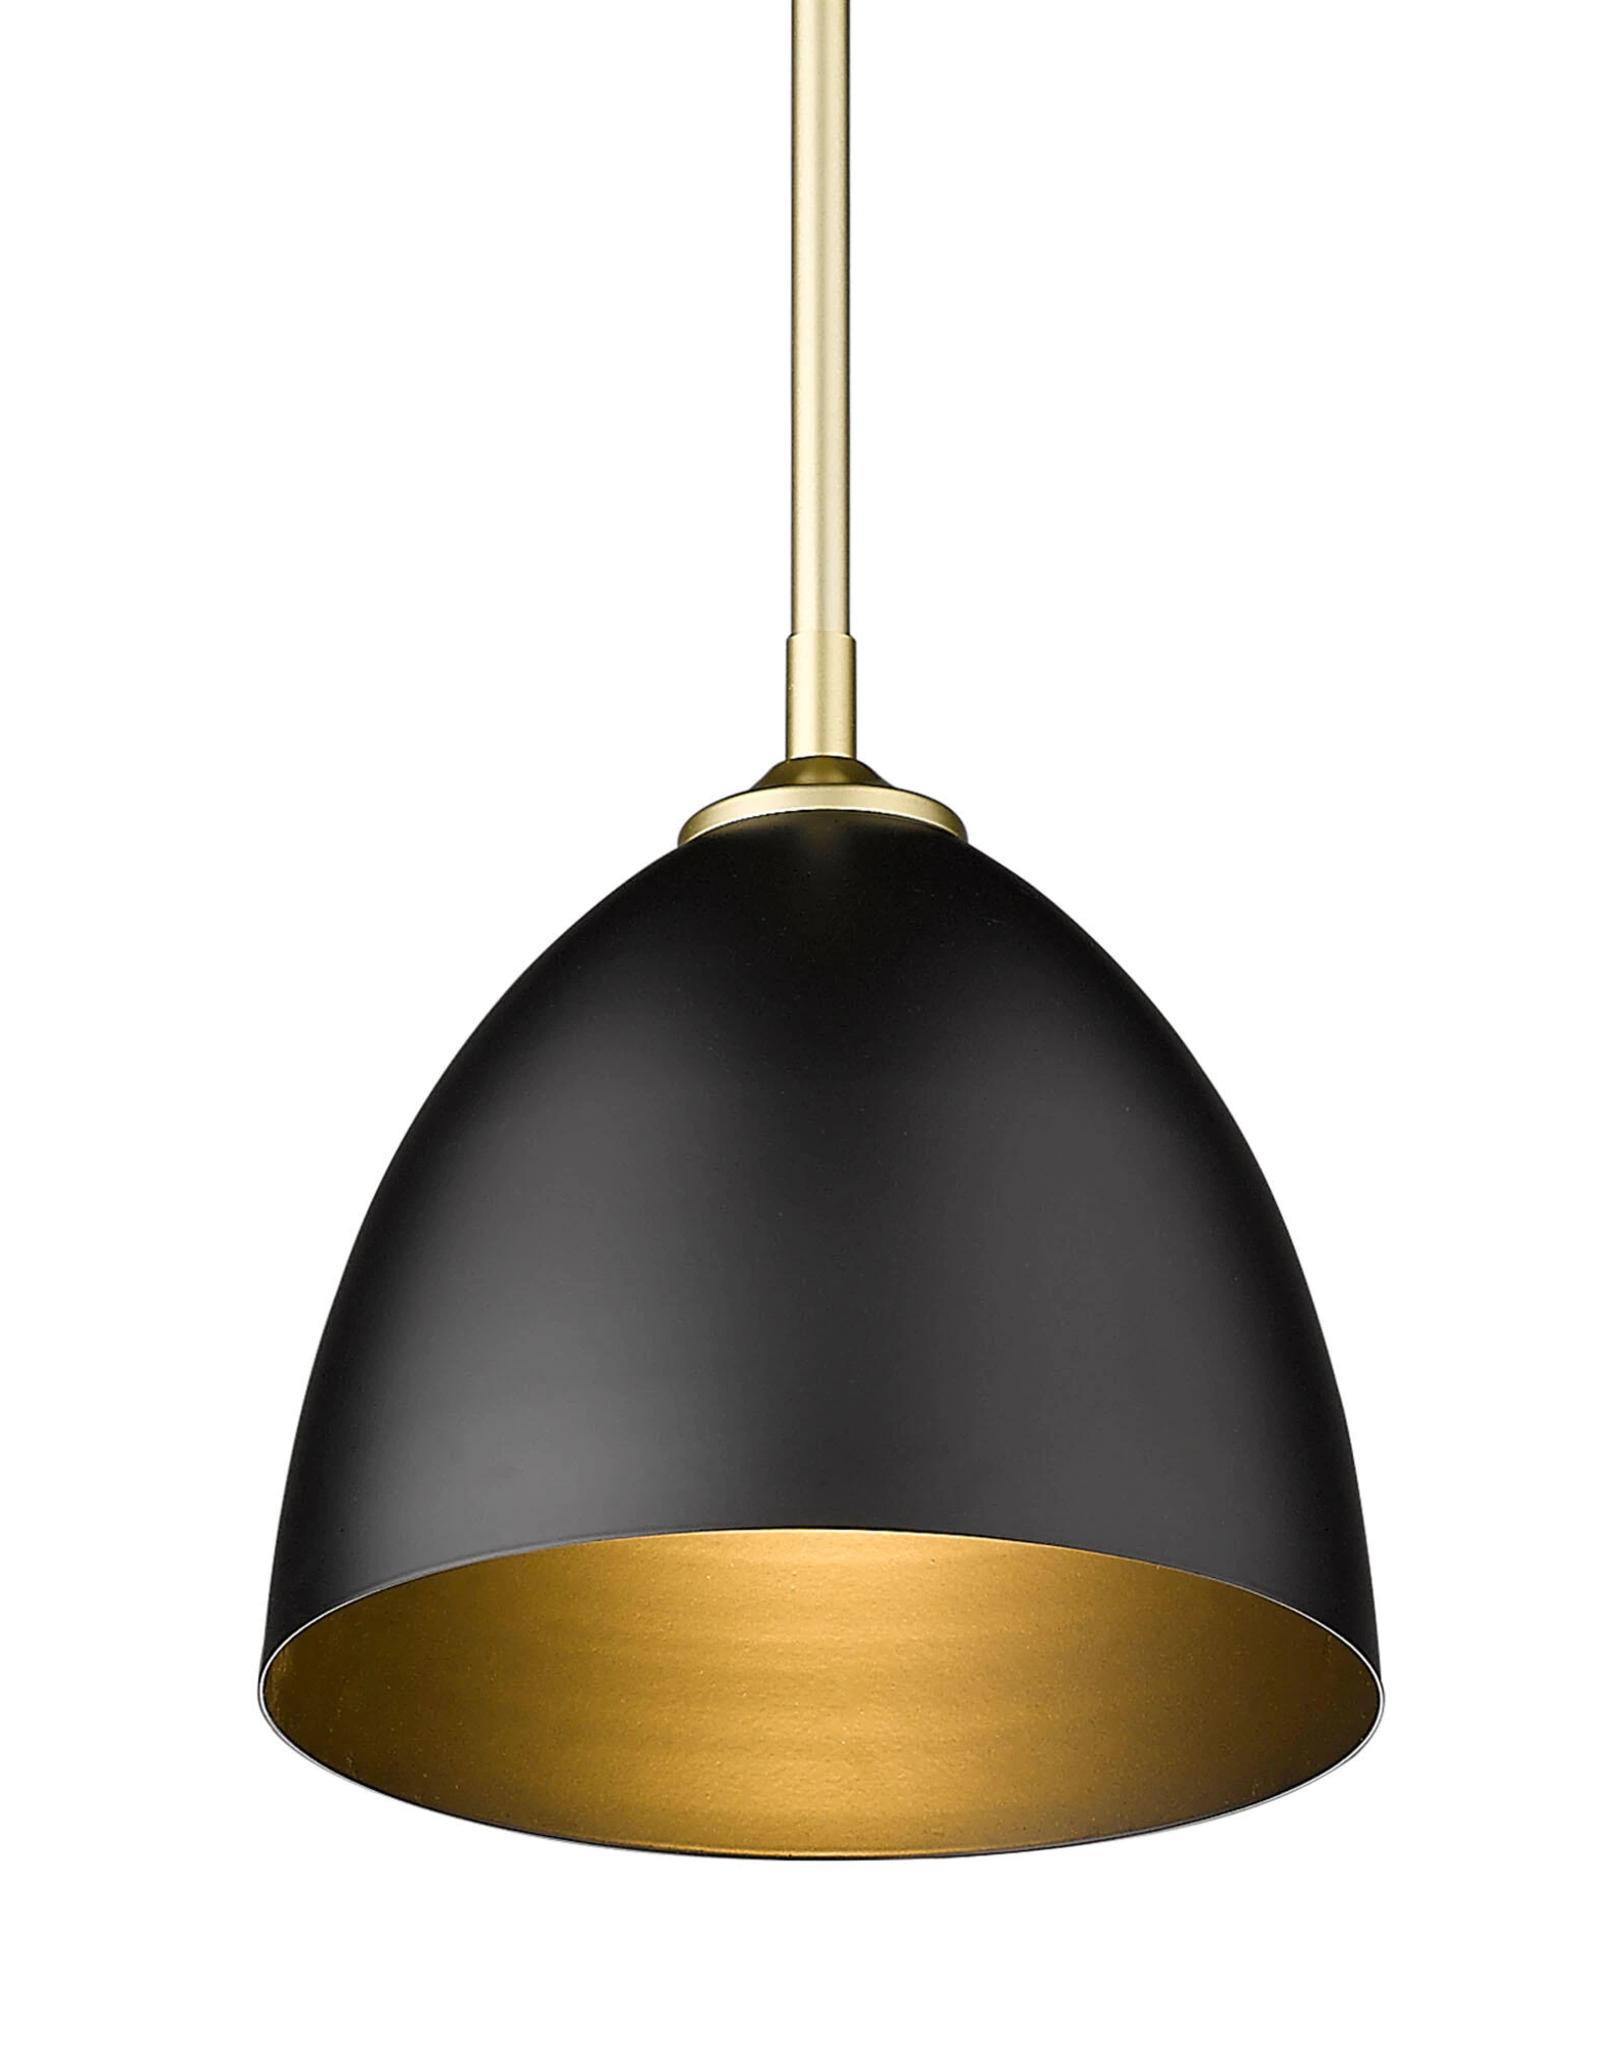 Golden Lighting Zoey 1-Light Olympic Gold Standard Pendant